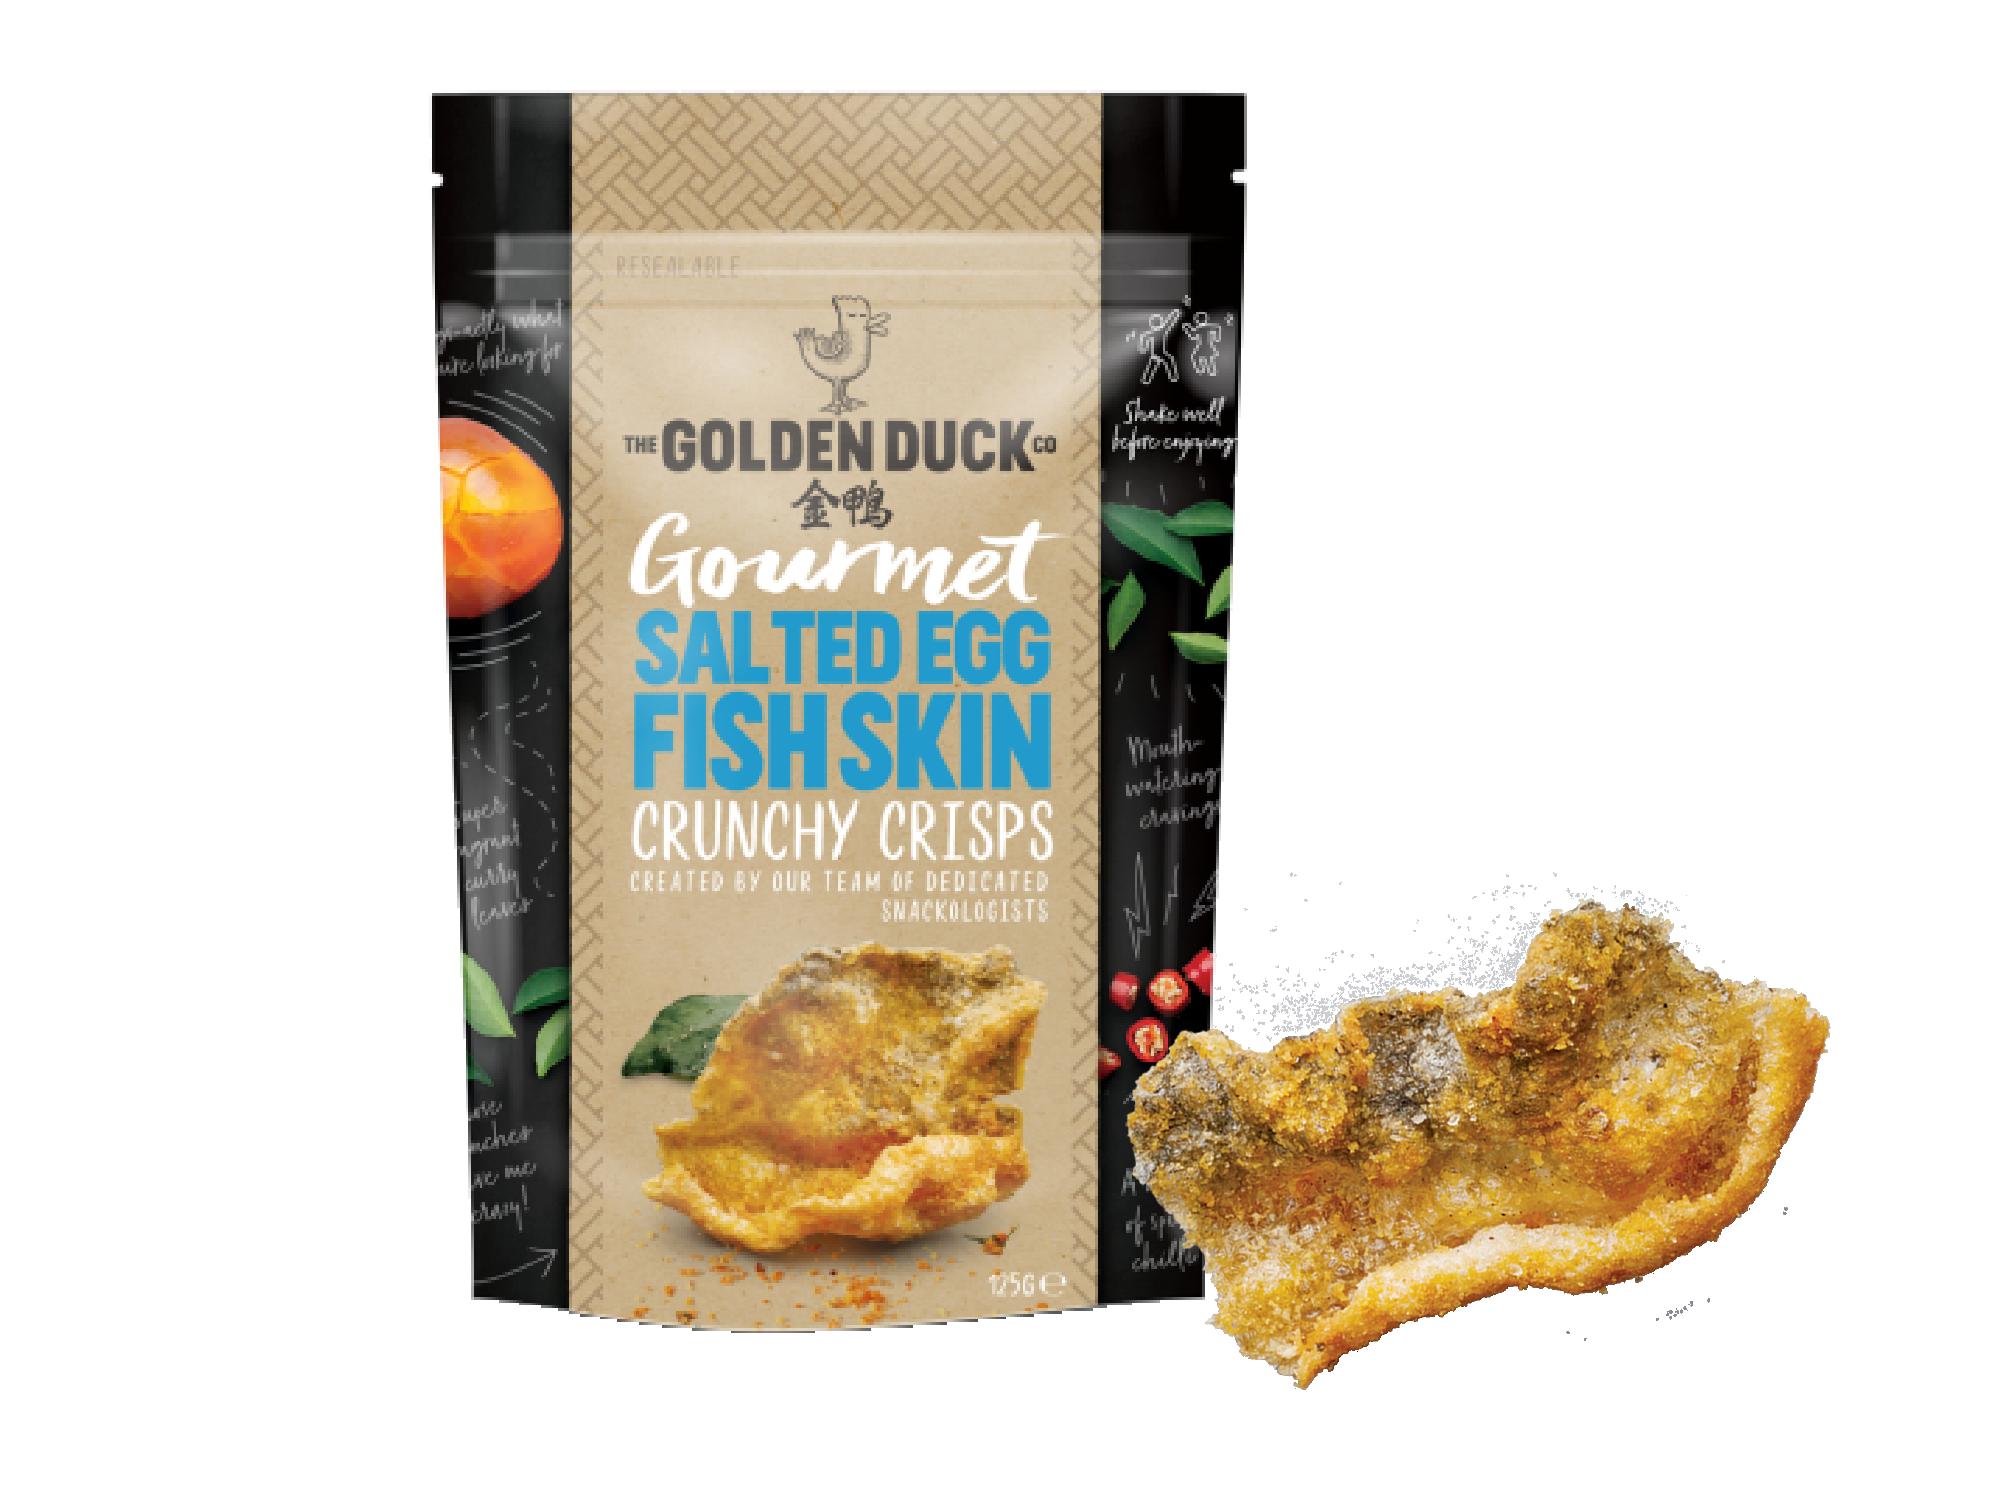 金鴨鹹蛋黃魚皮,新加坡人氣鹹蛋黃零食